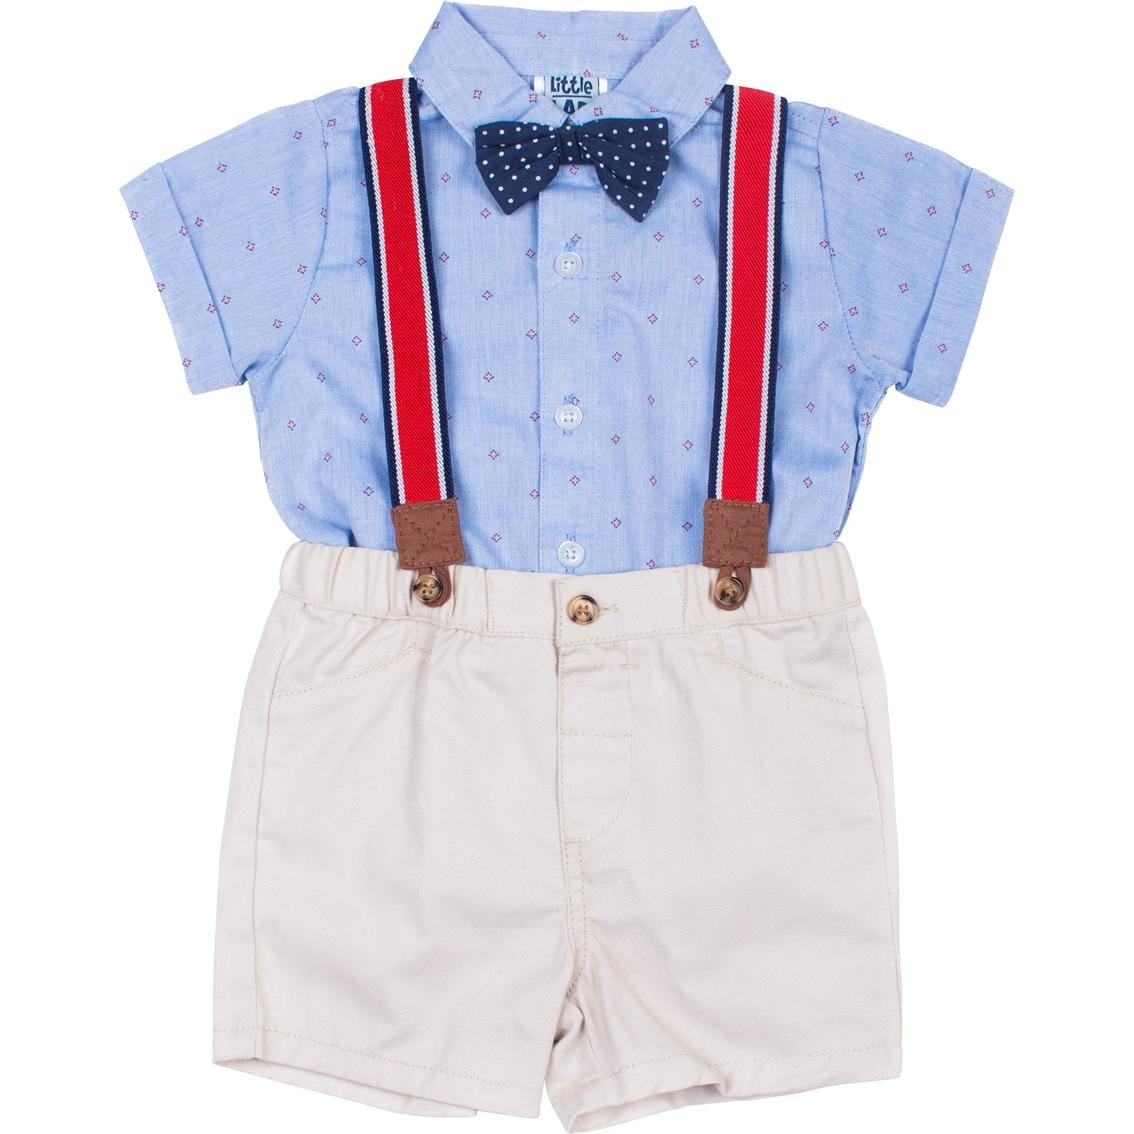 Trousers Braces /& Bow Tie 0-24 M LITTLE GENTS Baby Boy 4 Piece Outfit Set Shirt